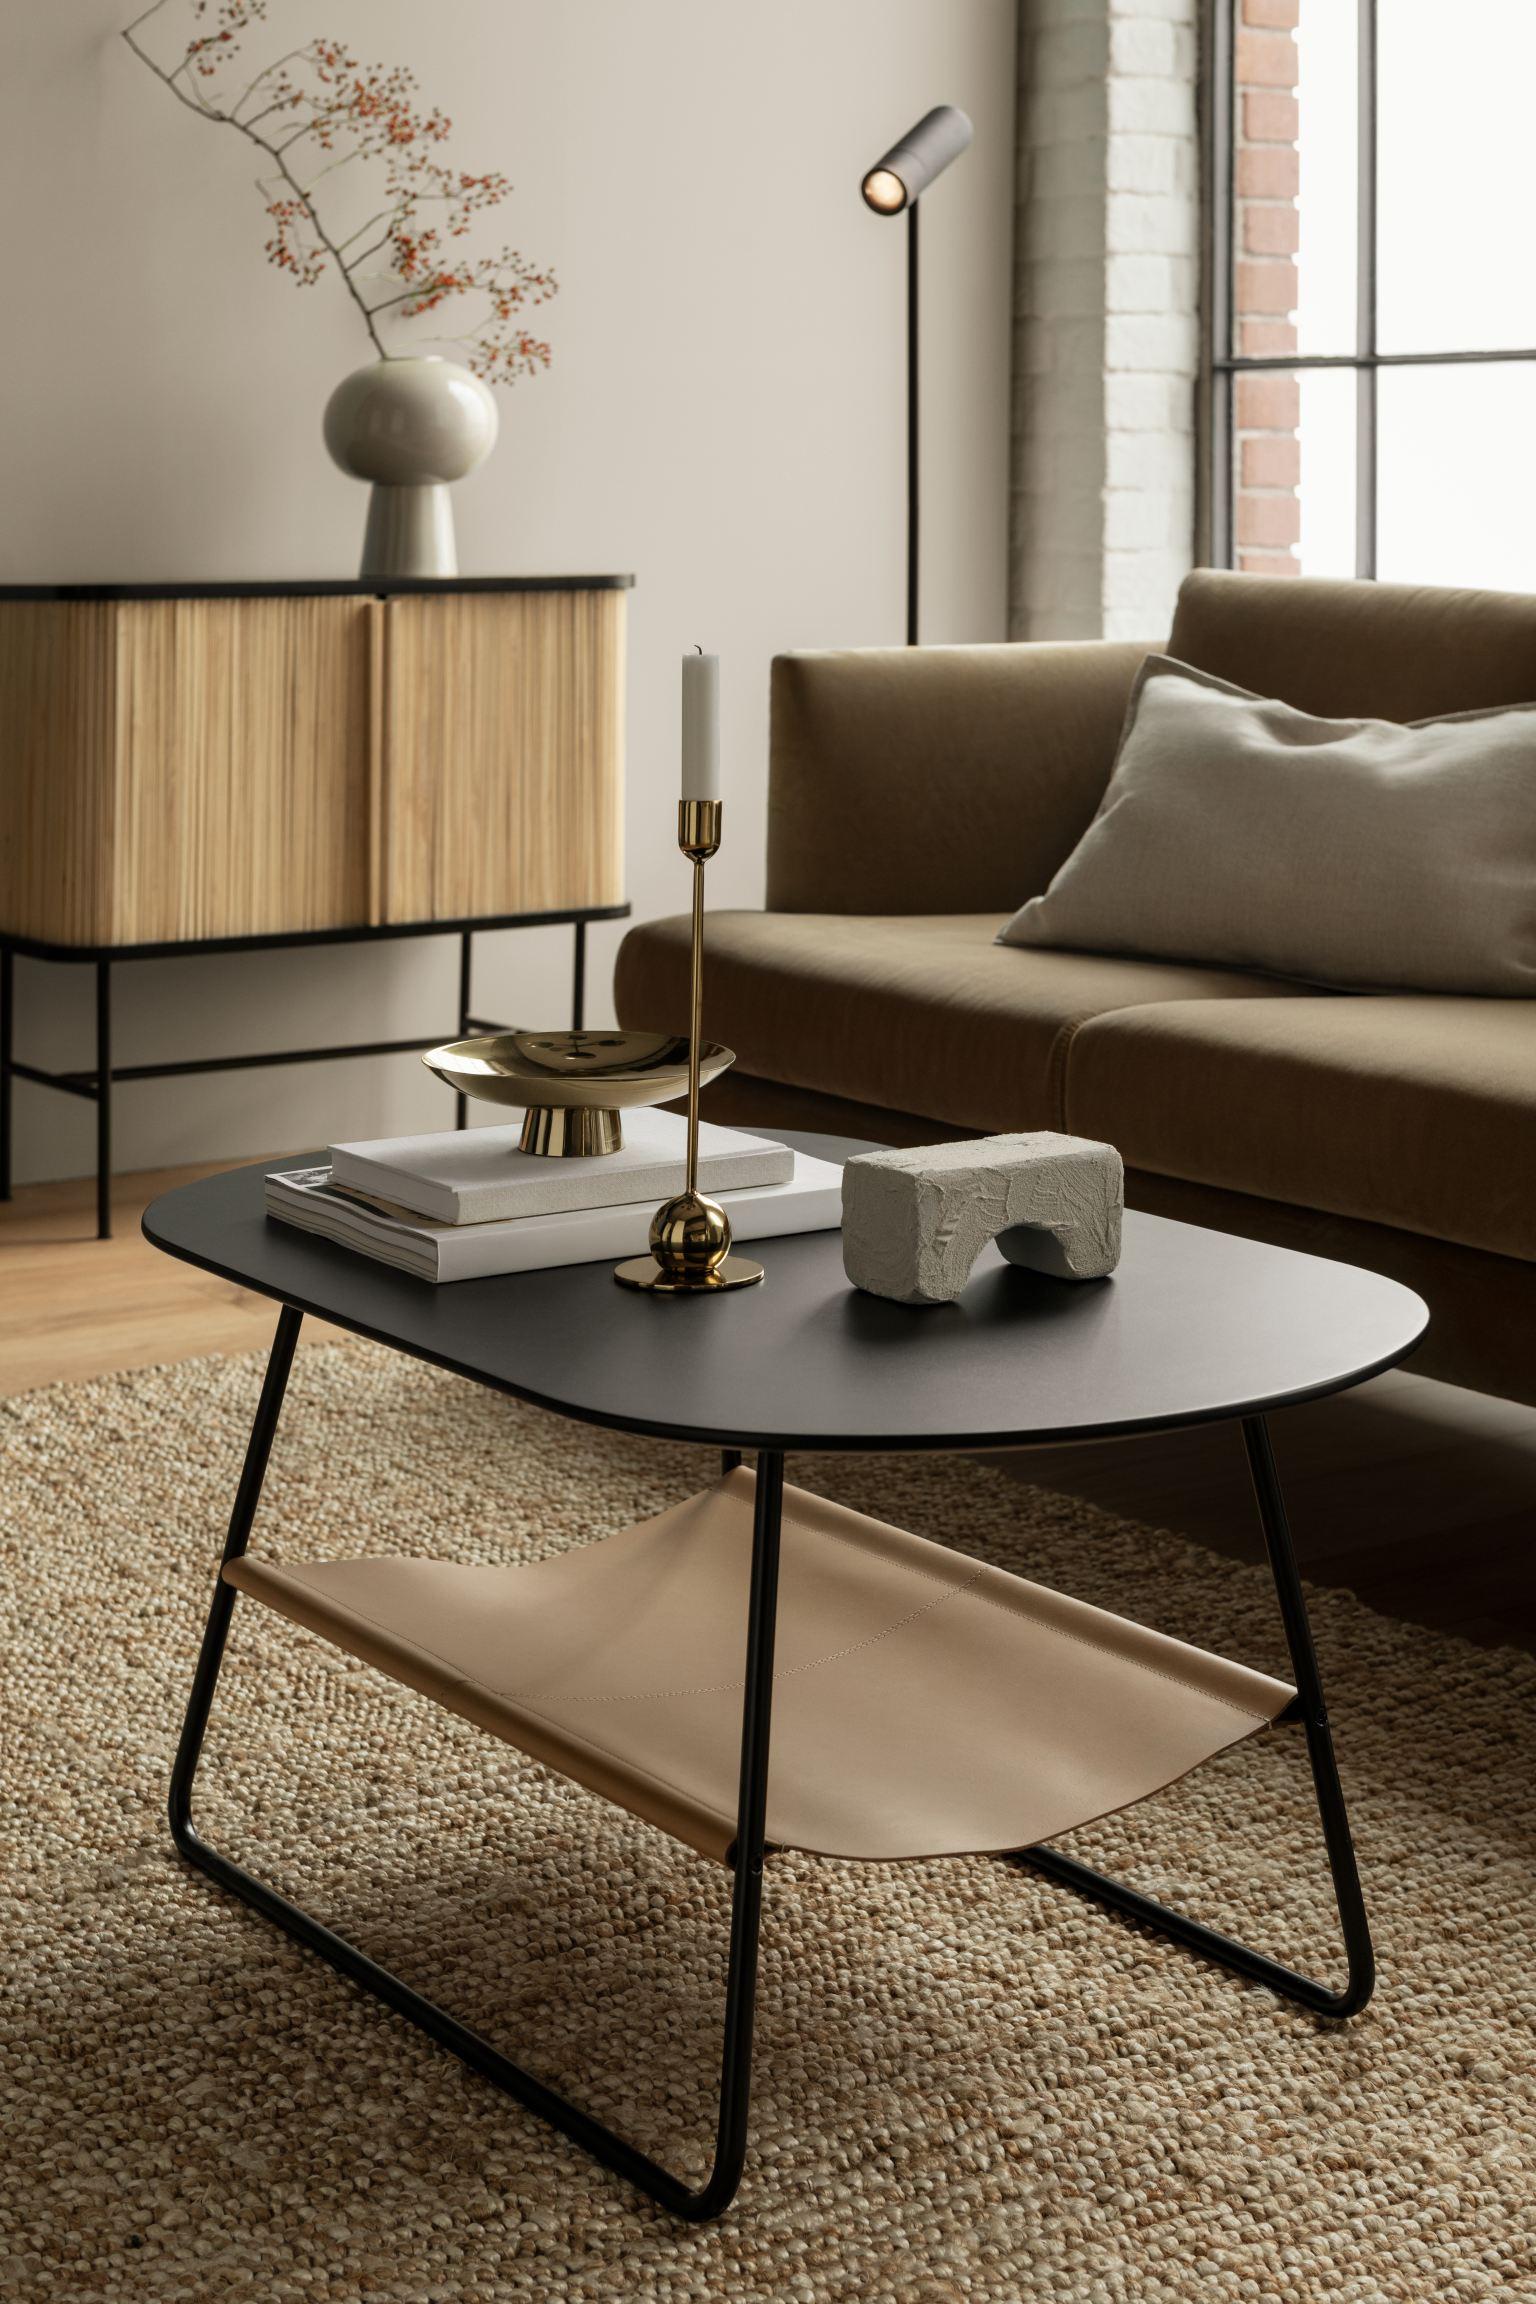 interior design, interior designer, commercial interior design, residential interior design, interior design tips, north west interior designer